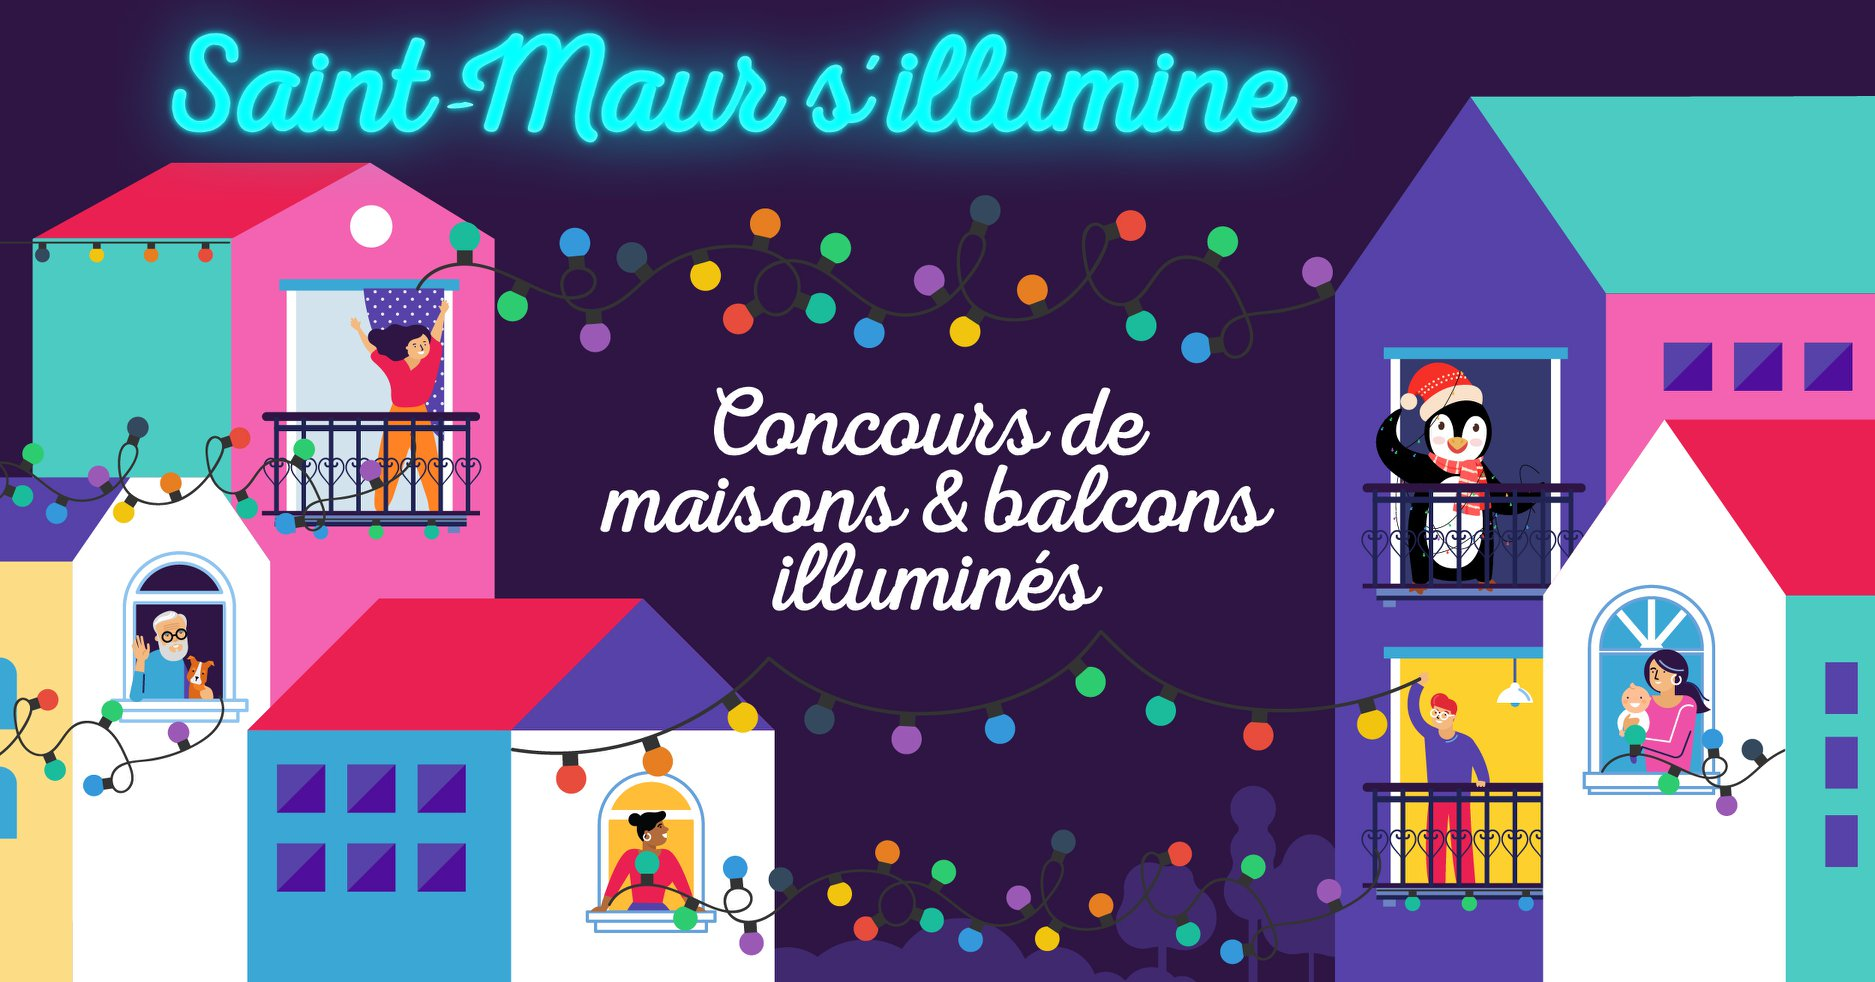 Faisons scintiller nos maisons et nos balcons pour faire briller Saint-Maur